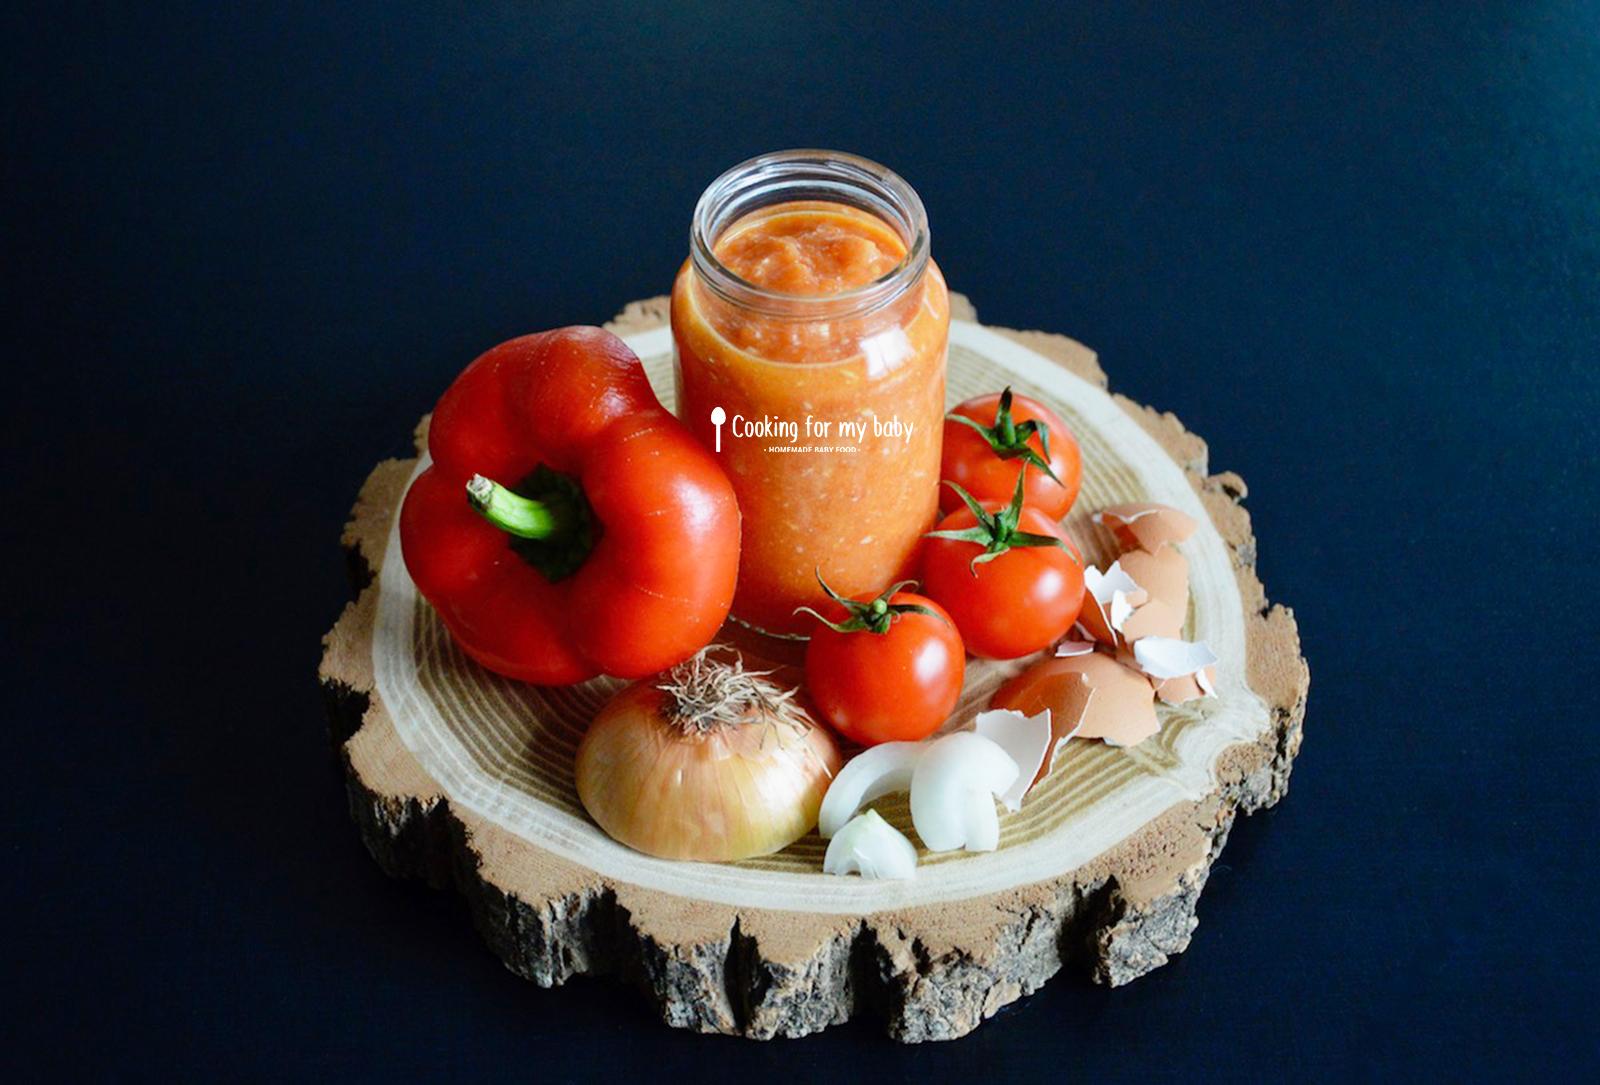 Recette de piperade basque pour bébé (sans piment… avec poivron tomate et oeuf)